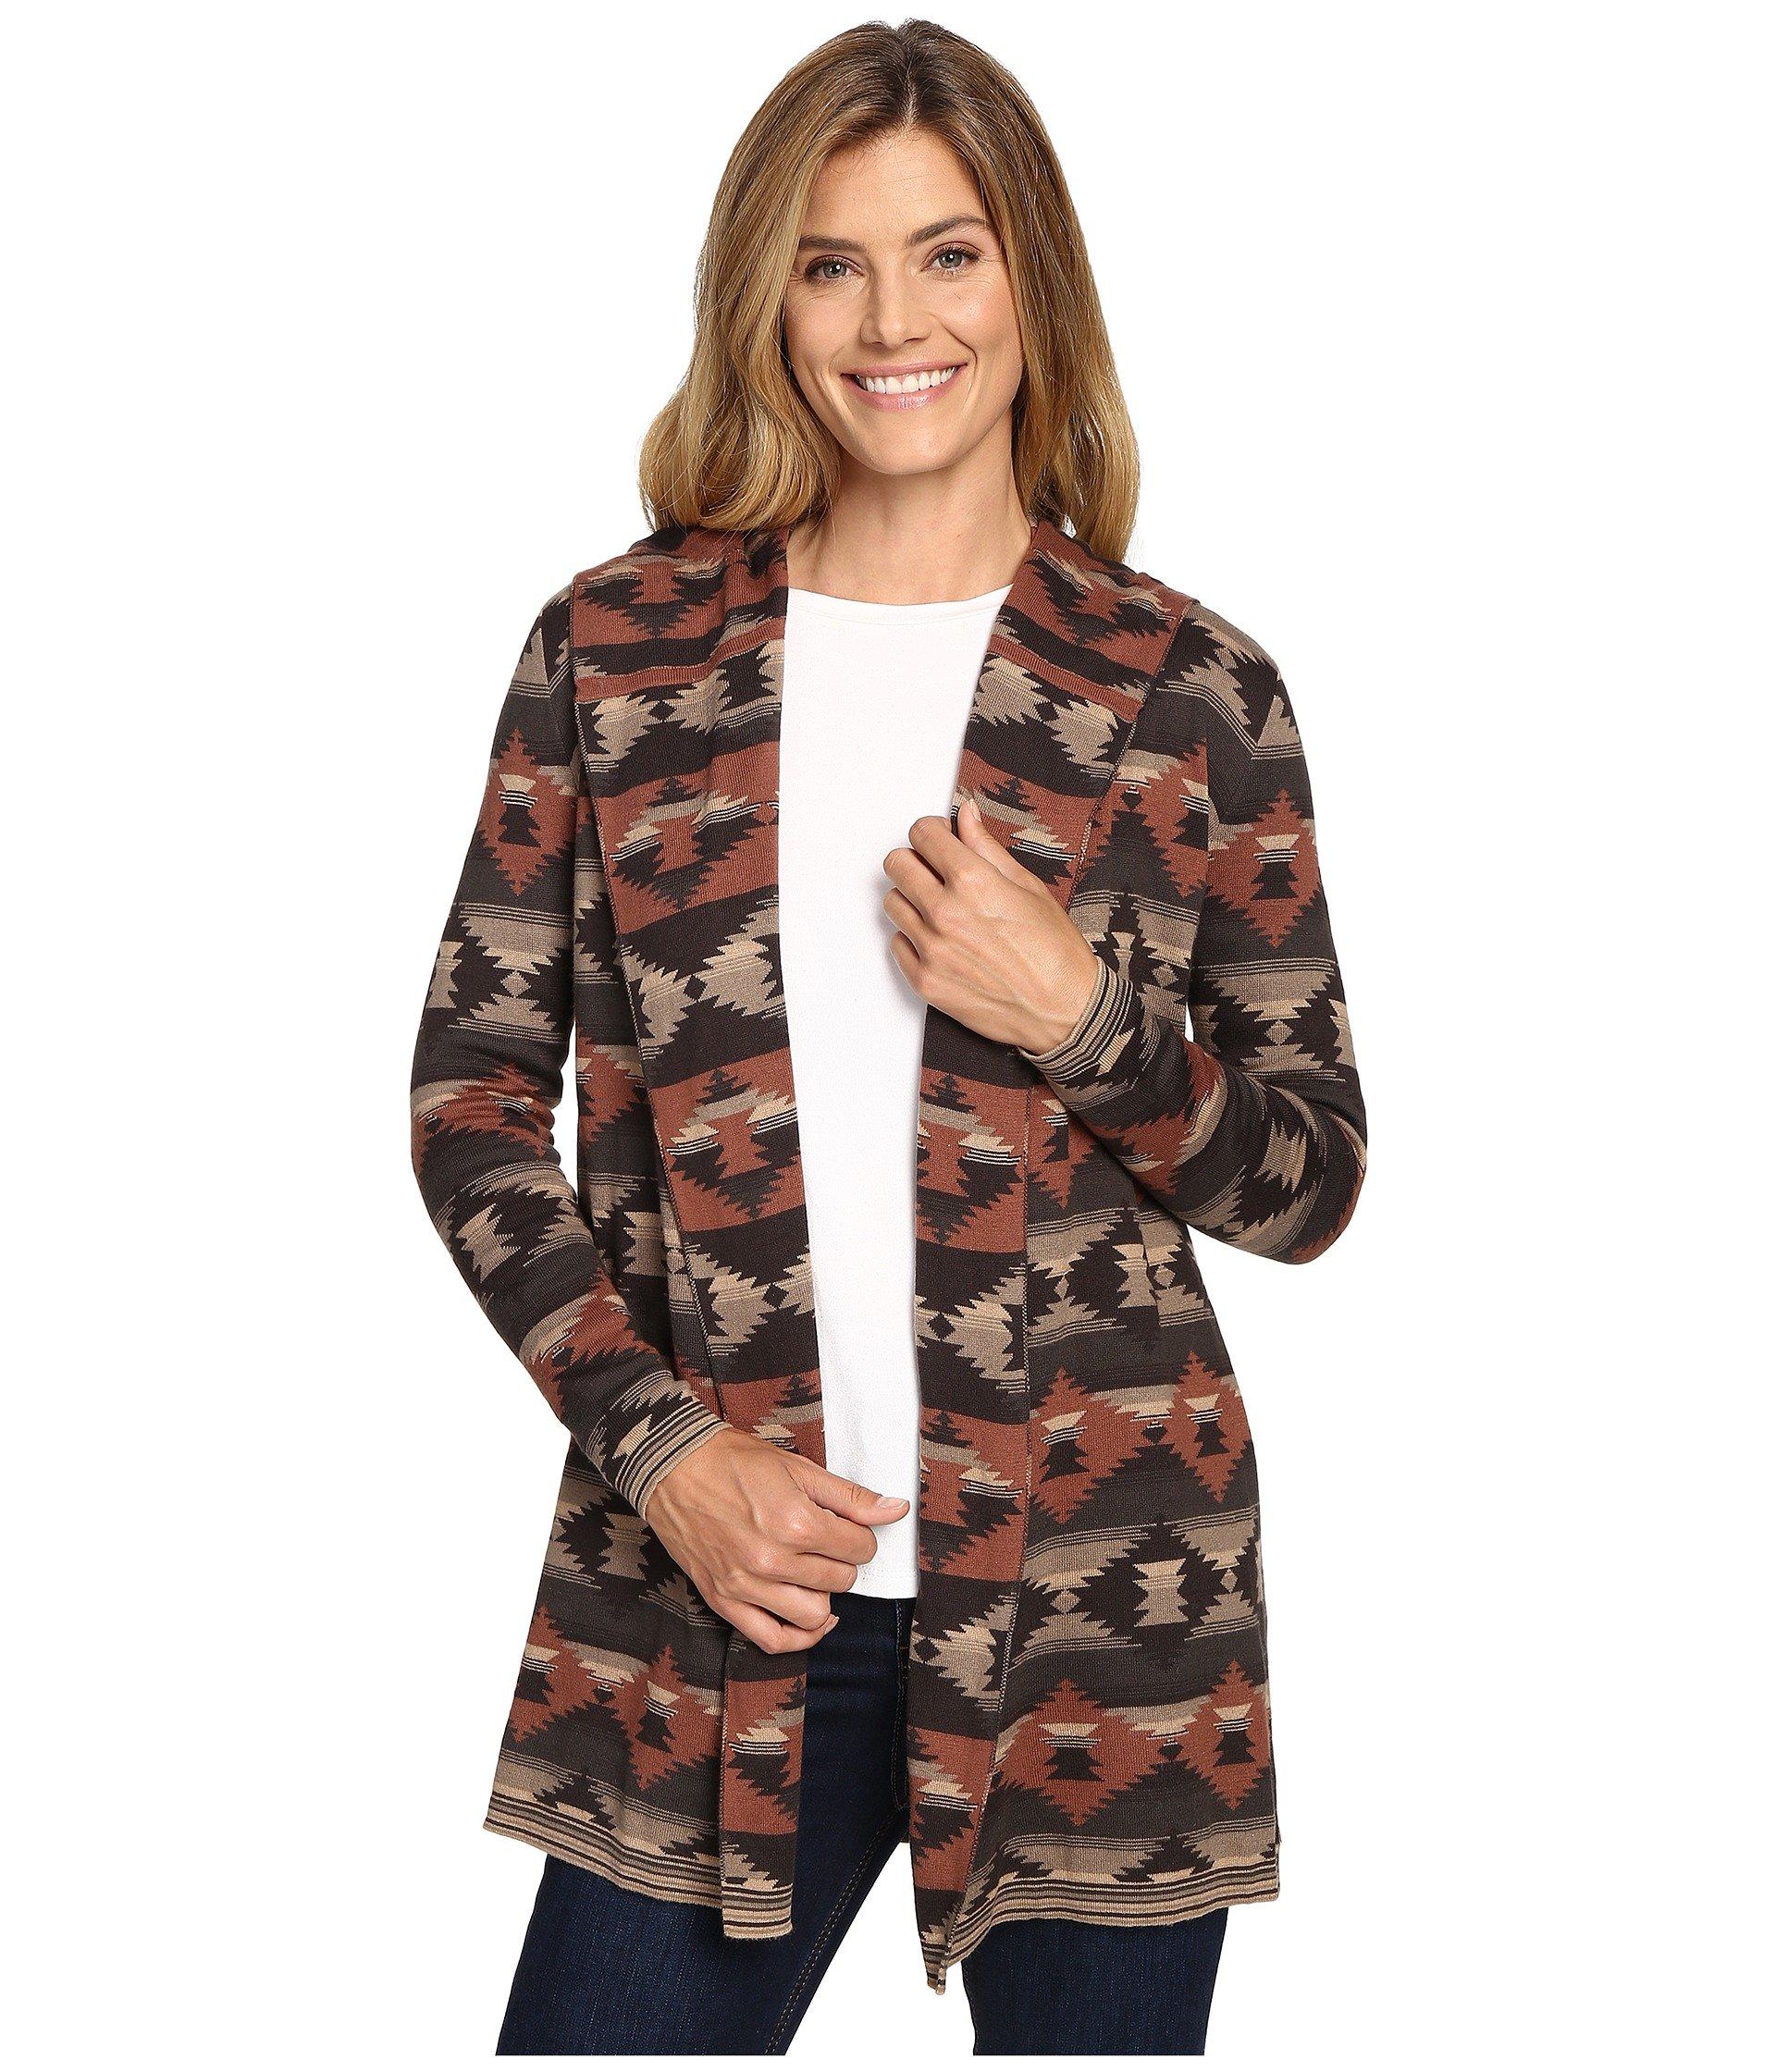 Saco para Mujer Woolrich Dew Berry Hooded Fairisle Cardigan II  + Woolrich en VeoyCompro.net